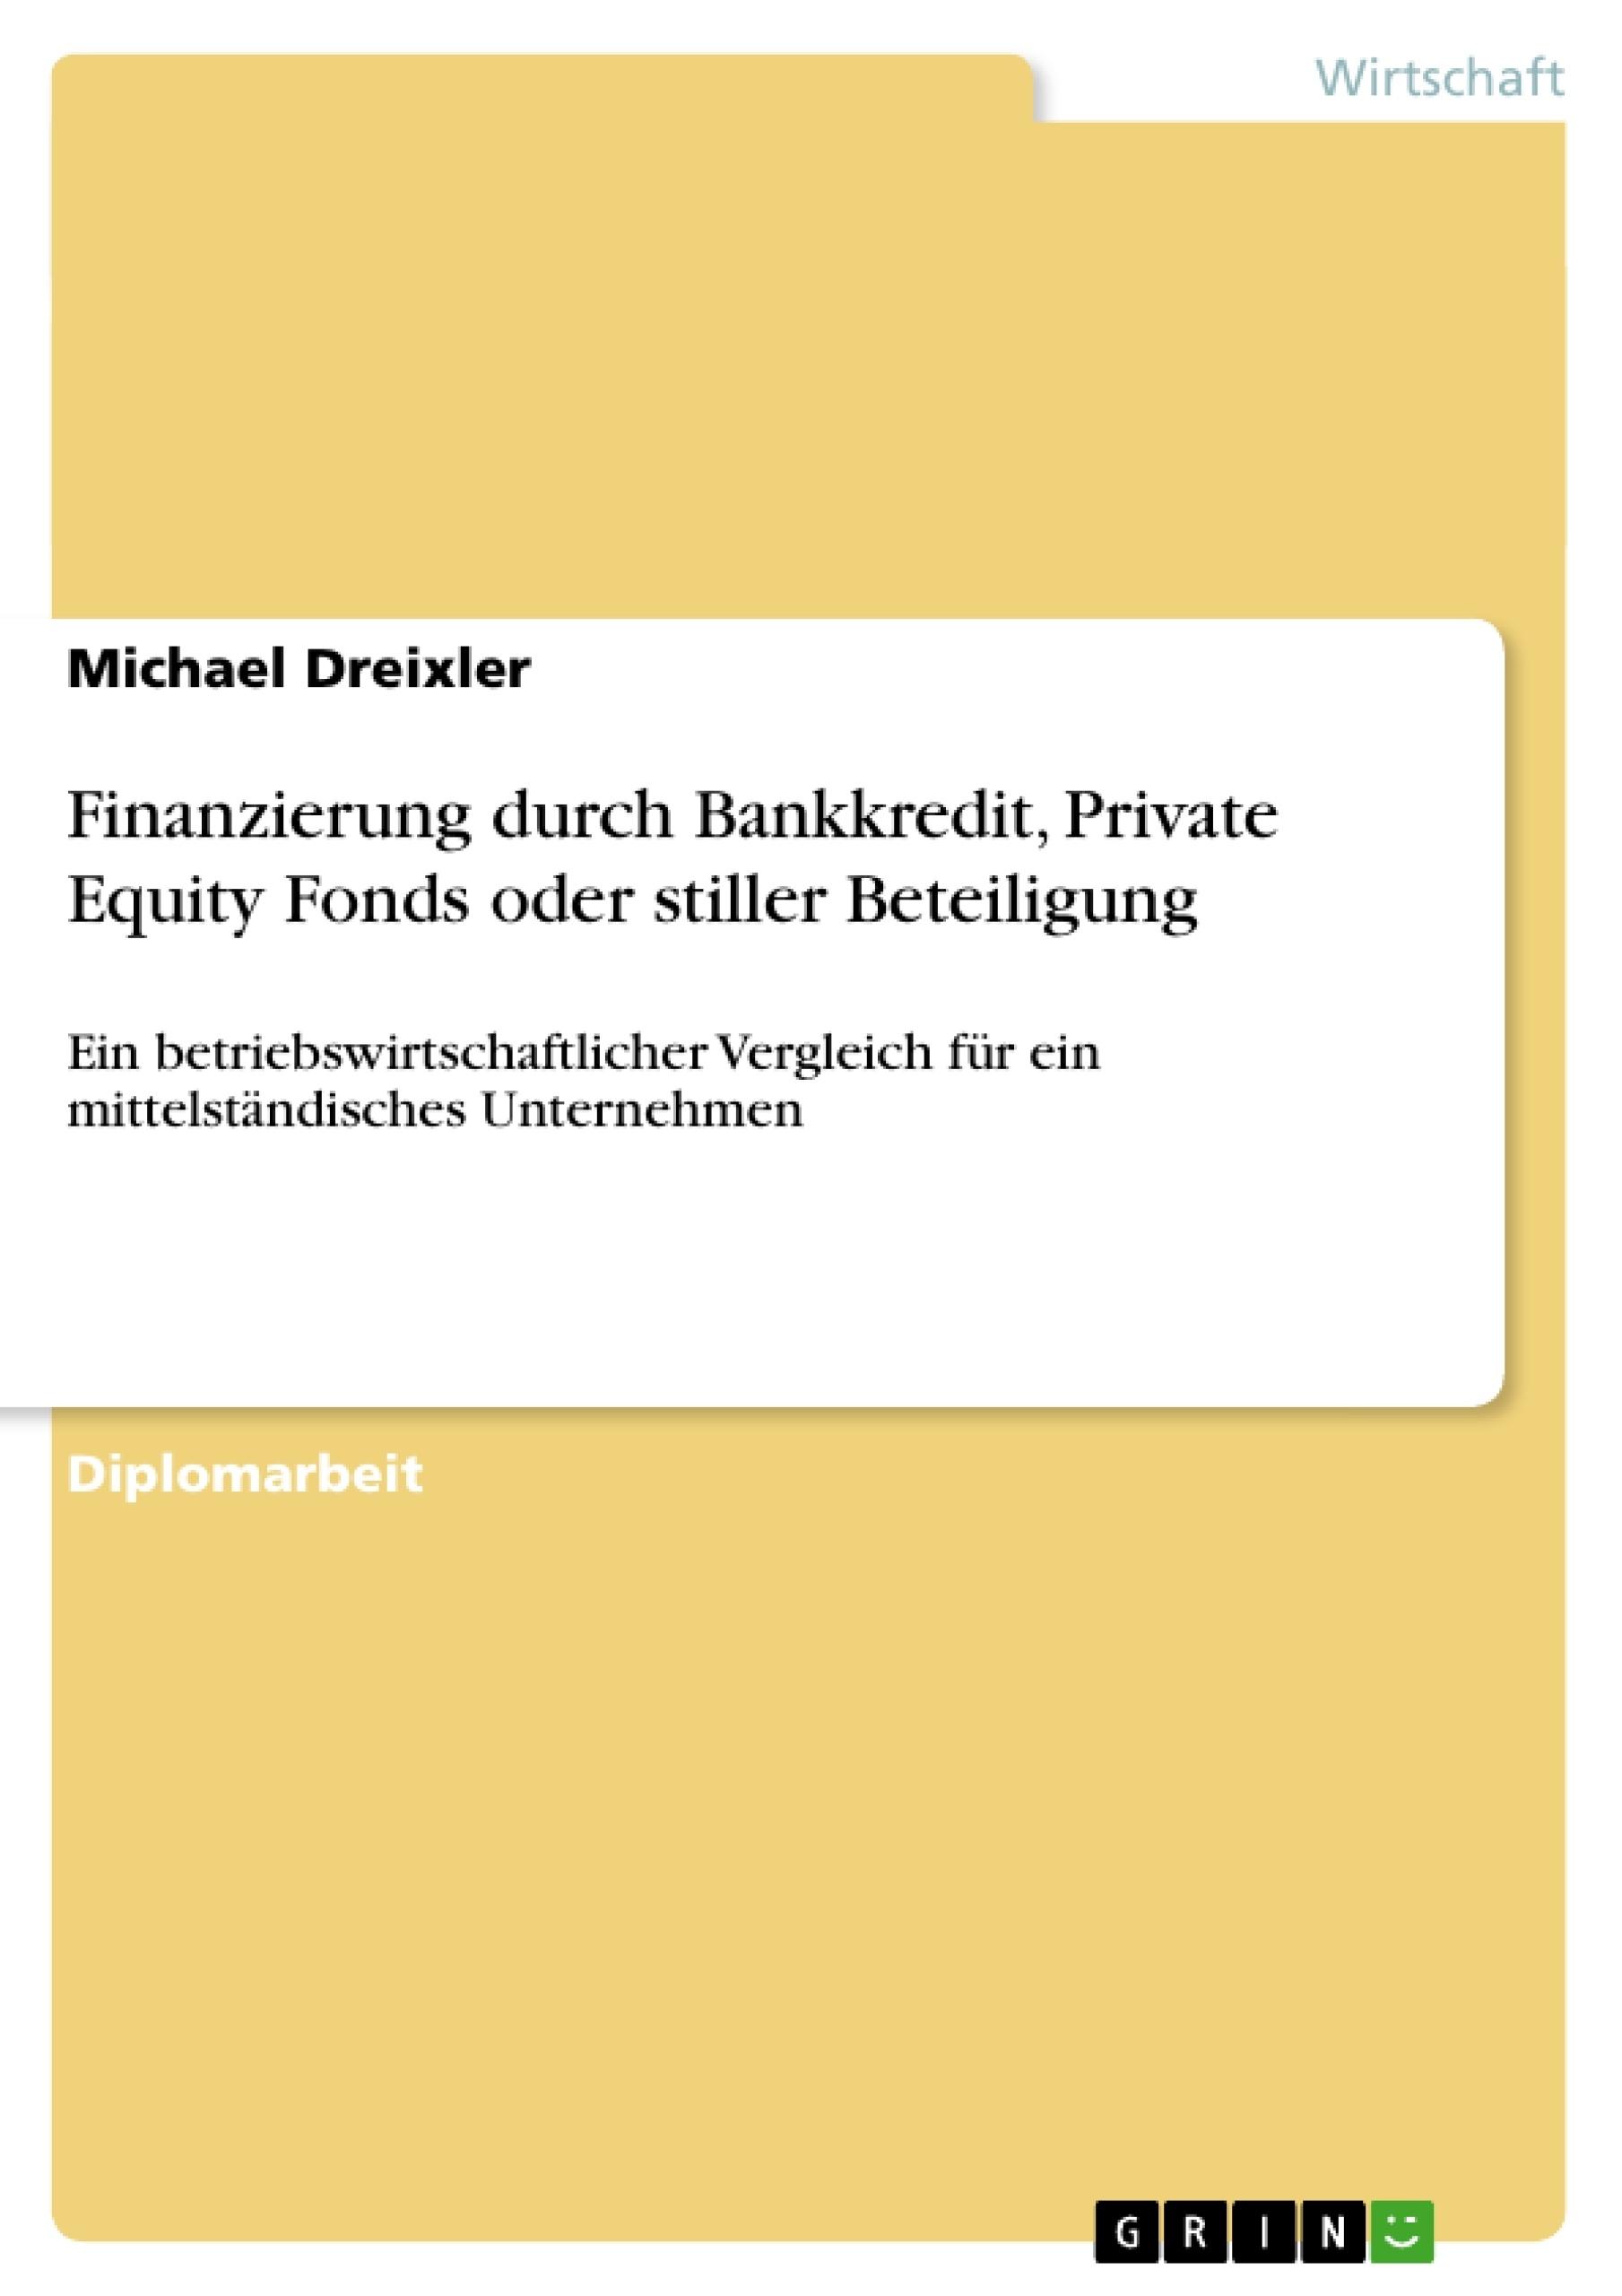 Titel: Finanzierung durch Bankkredit, Private Equity Fonds oder stiller Beteiligung